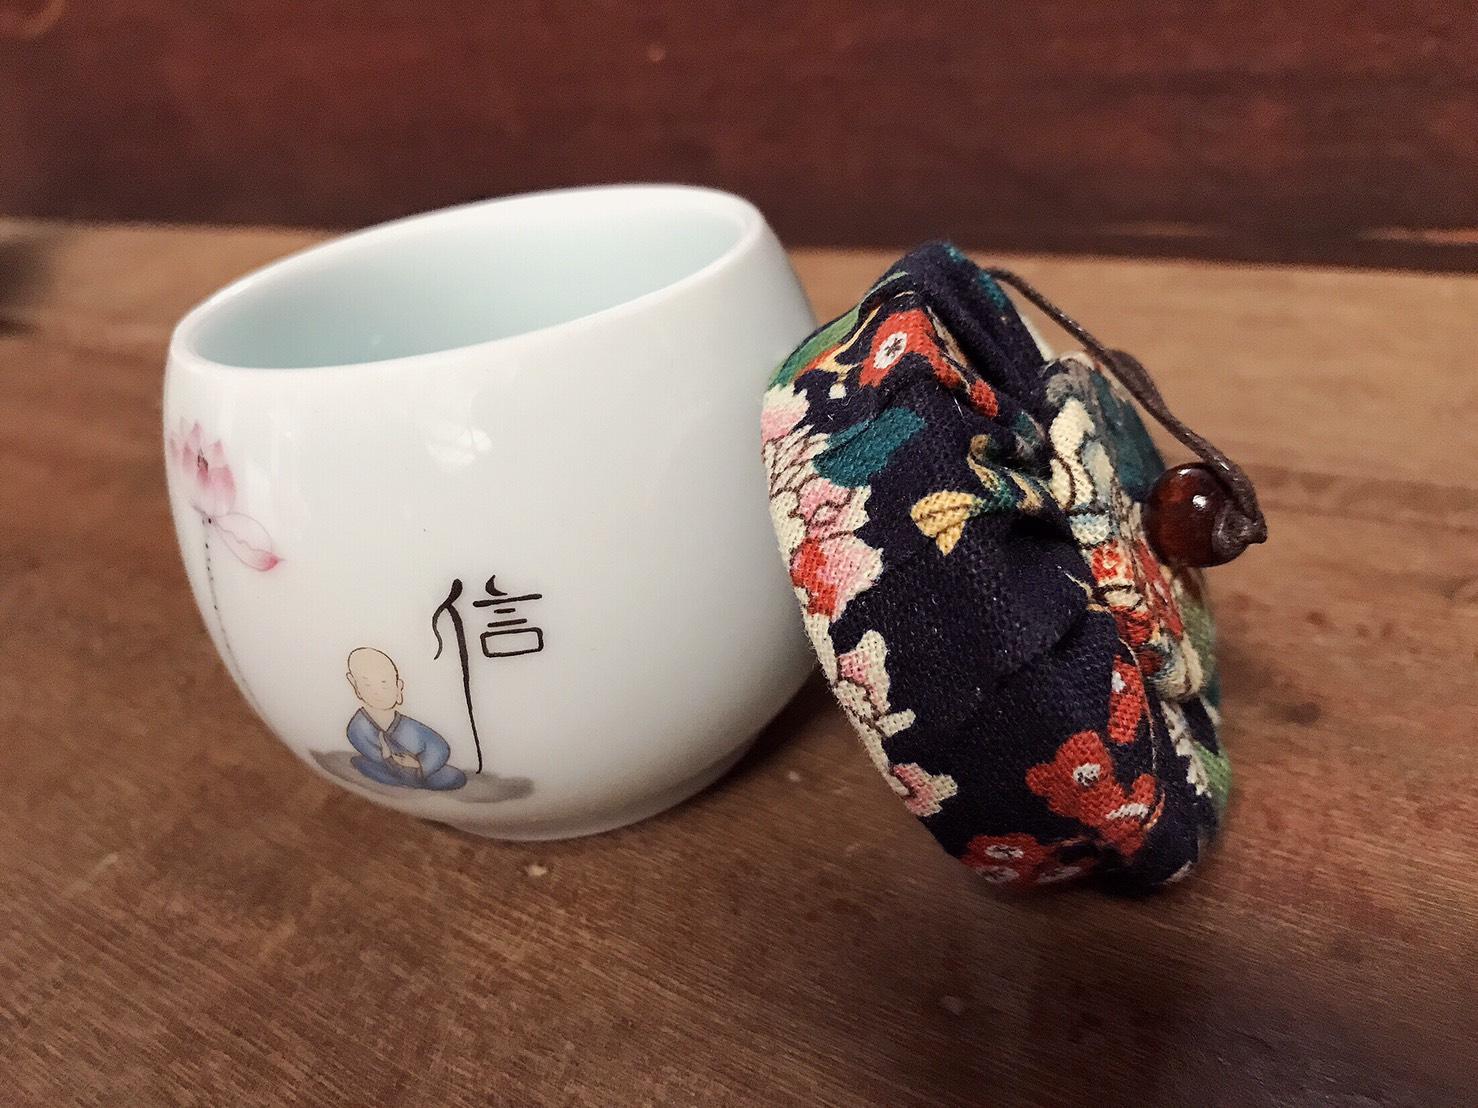 ถ้วยแก้วชงชา พร้อมดื่ม แบบคลาสสิคมากๆๆ ฝาปิดด้วนบนเป็นผ้า